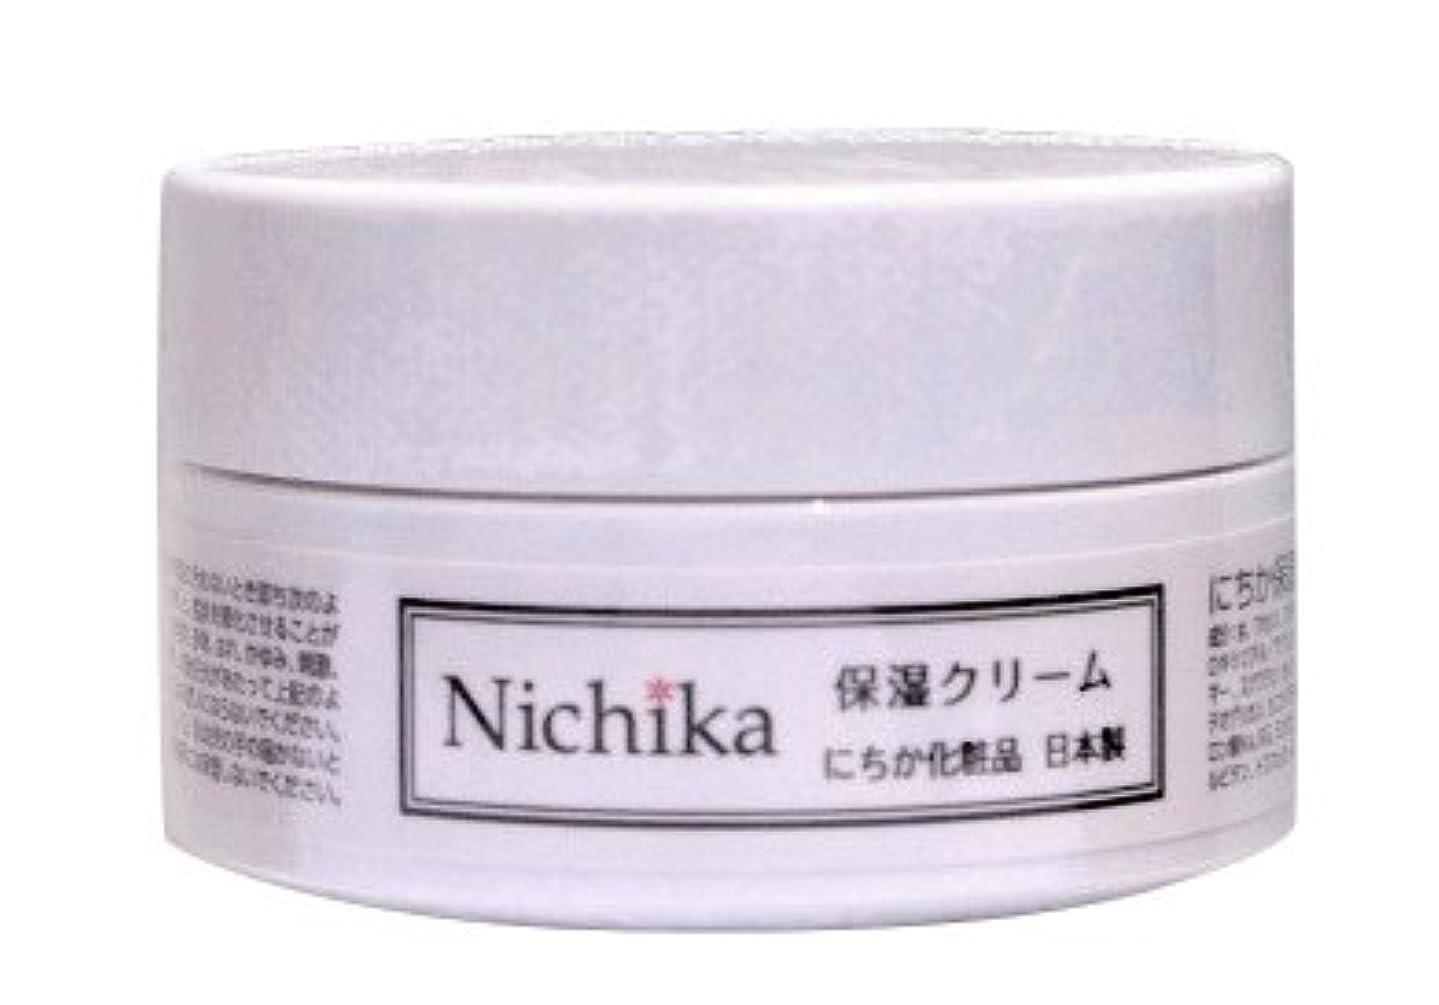 不屈常識準備したにちか保湿クリーム  内容量30g 日本製  『ワンランク上の潤いハリ肌』を『リーズナブル』に。  ヒアルロン酸の1.3倍の保水力があるプロテオグリカン配合。 しっとりなじみ,成分がじんわり角質層に浸透 お肌に「ふた」をして...